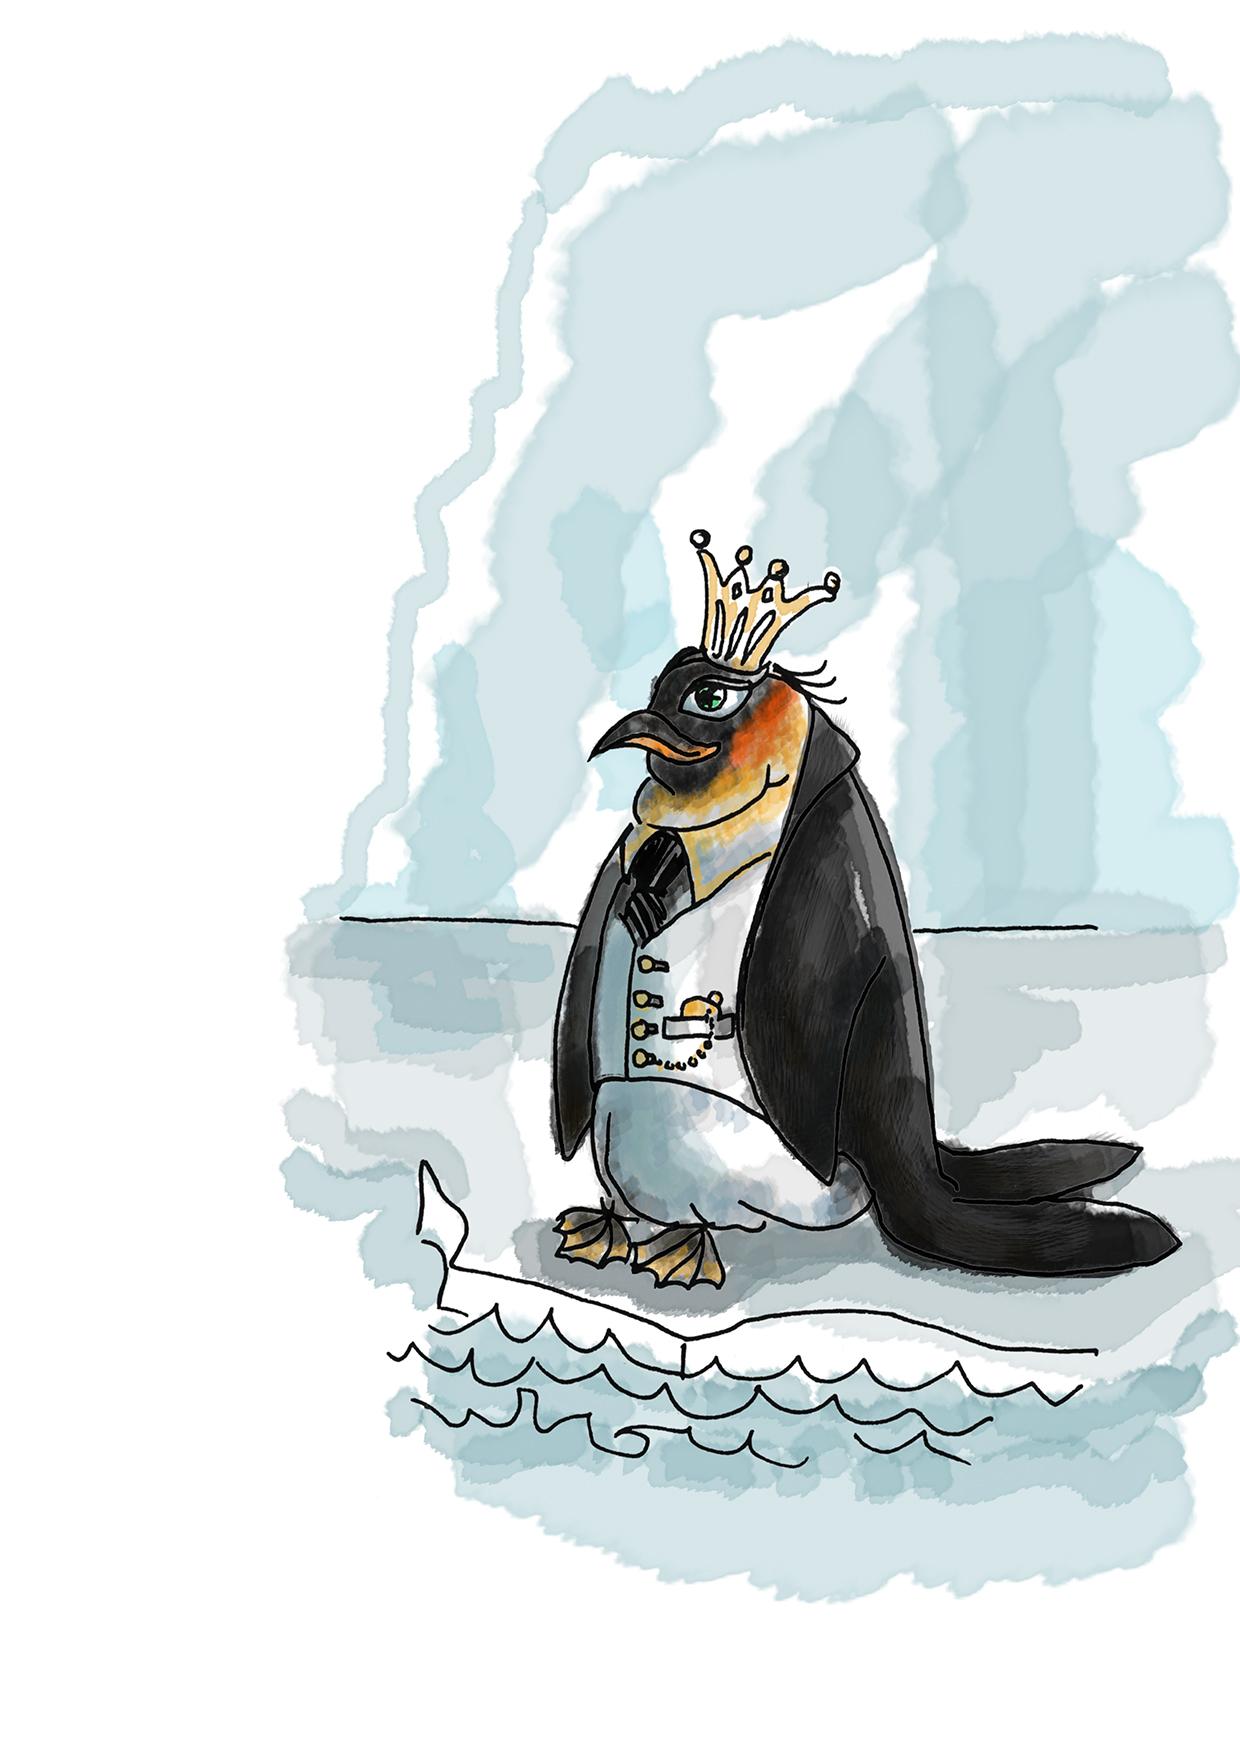 Pinguin/Penguin